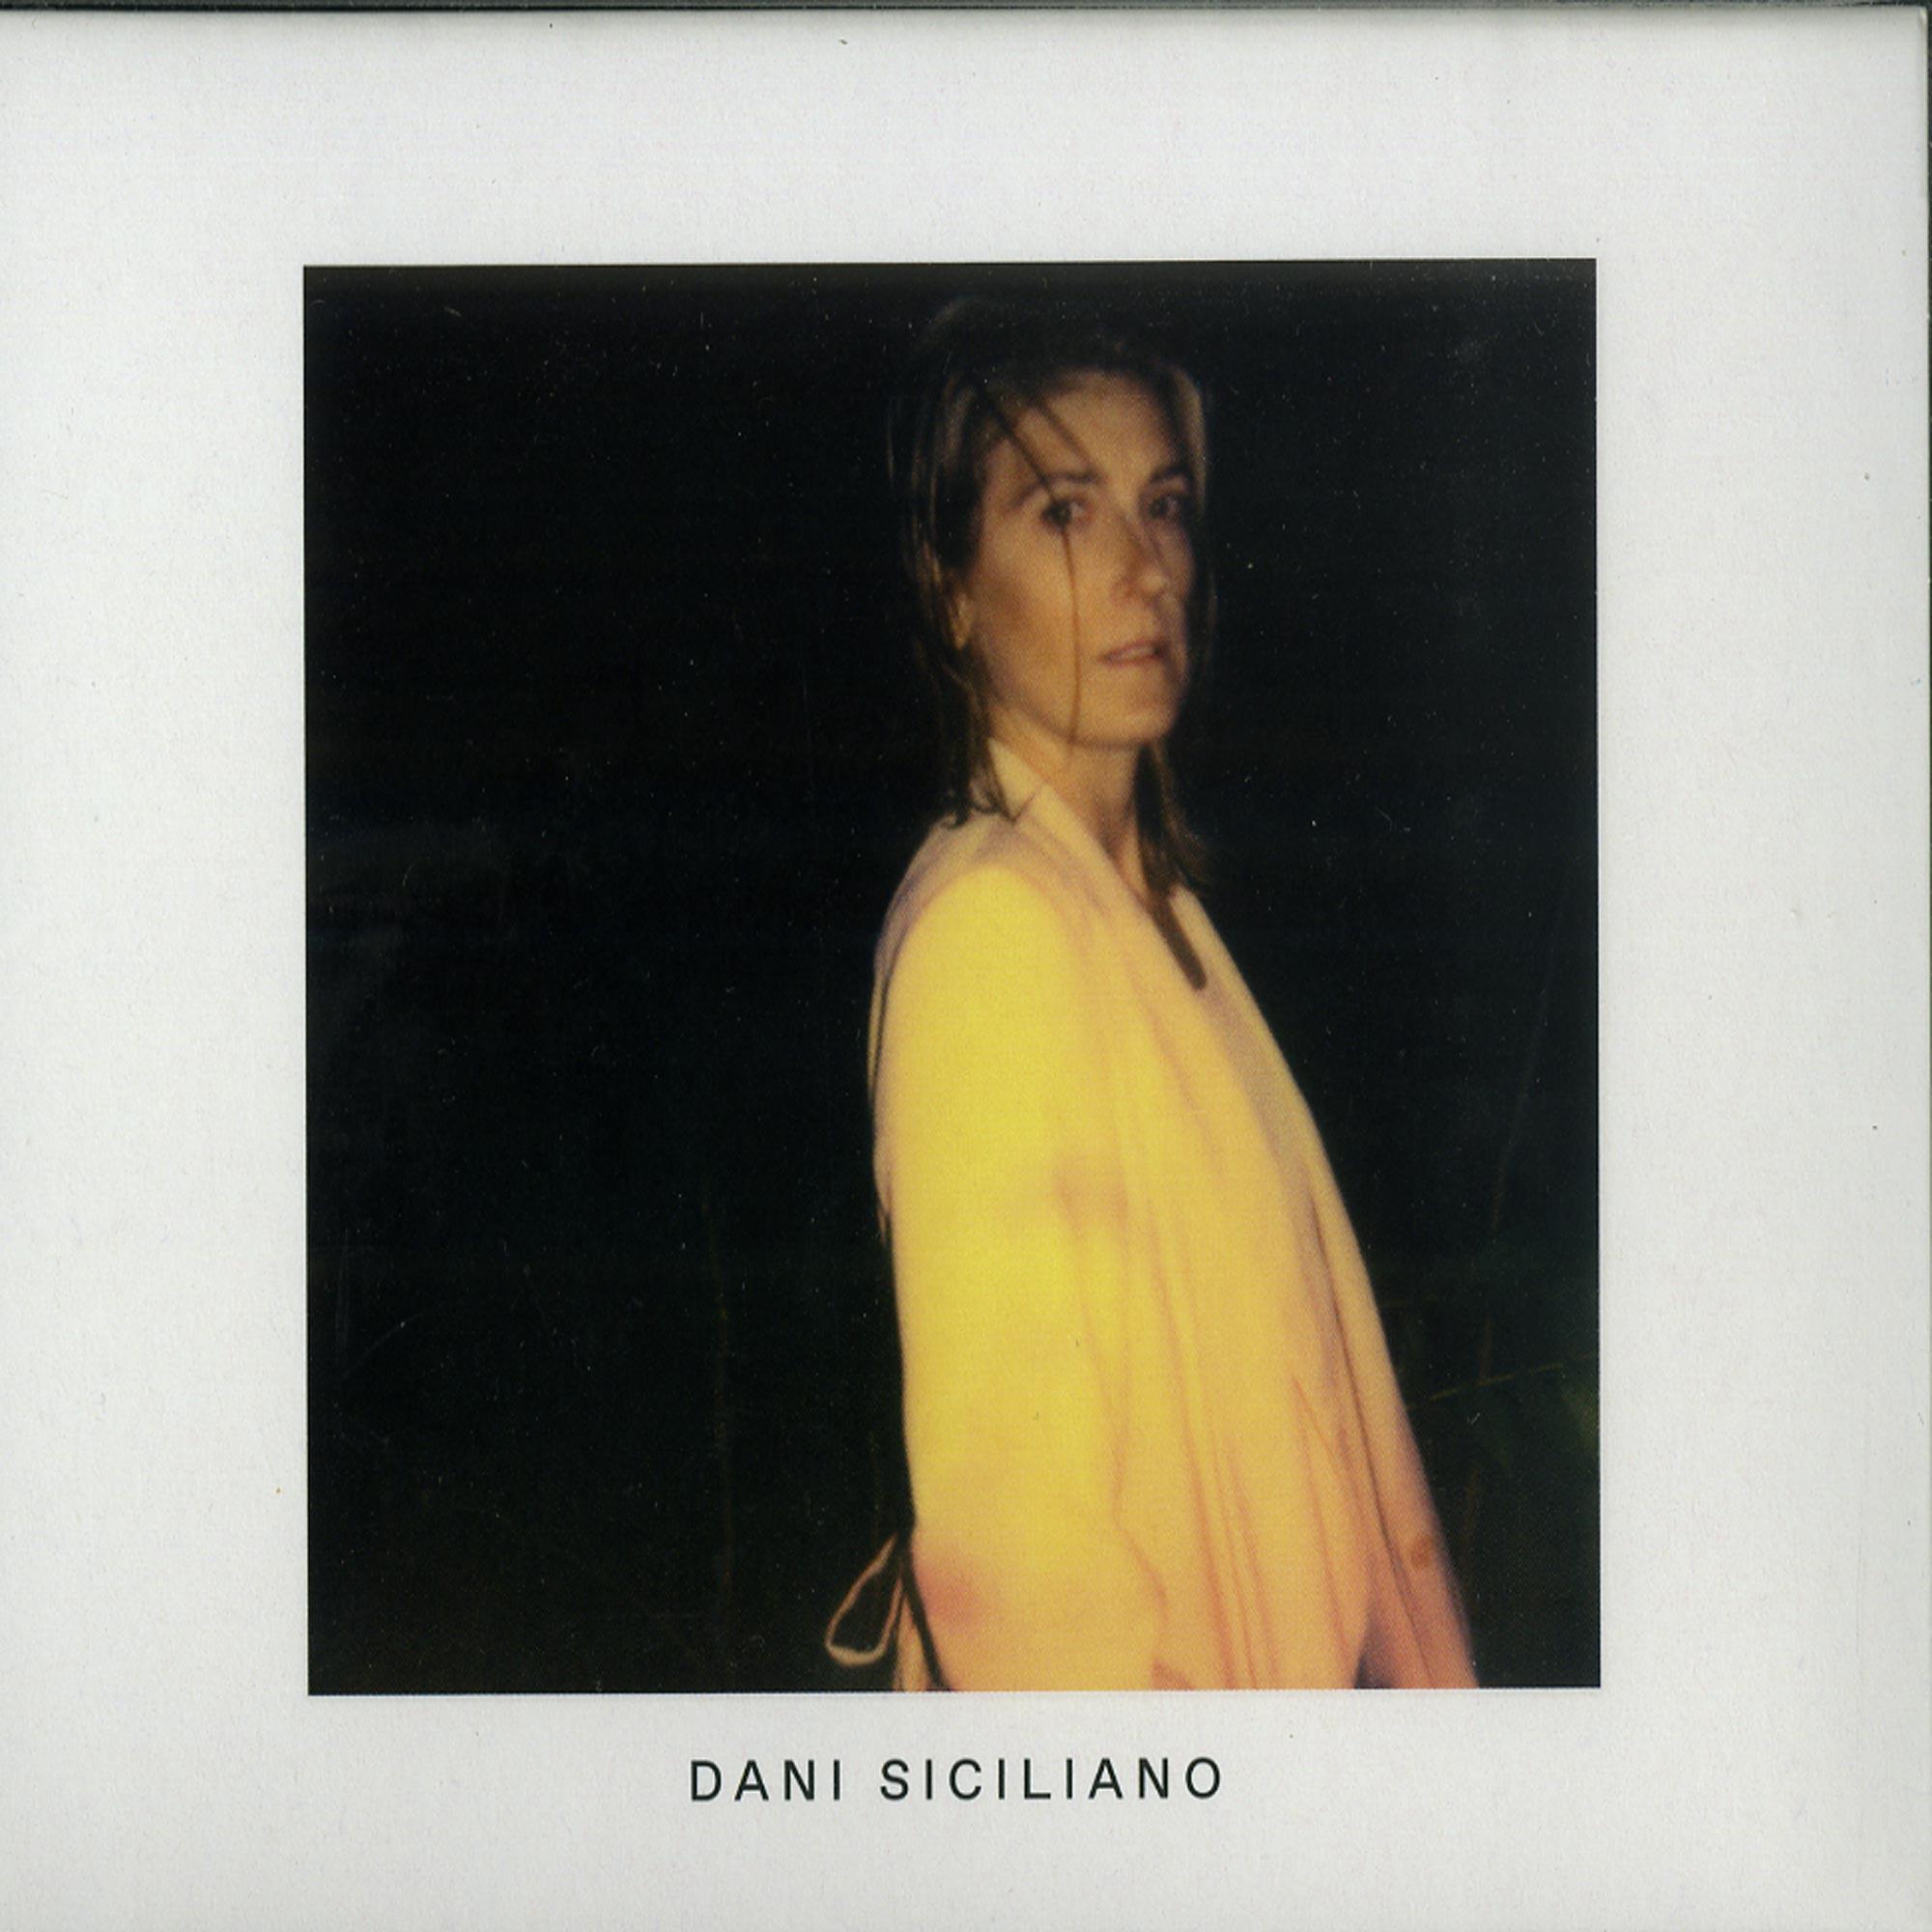 Dani Siciliano - DANI SICILIANO